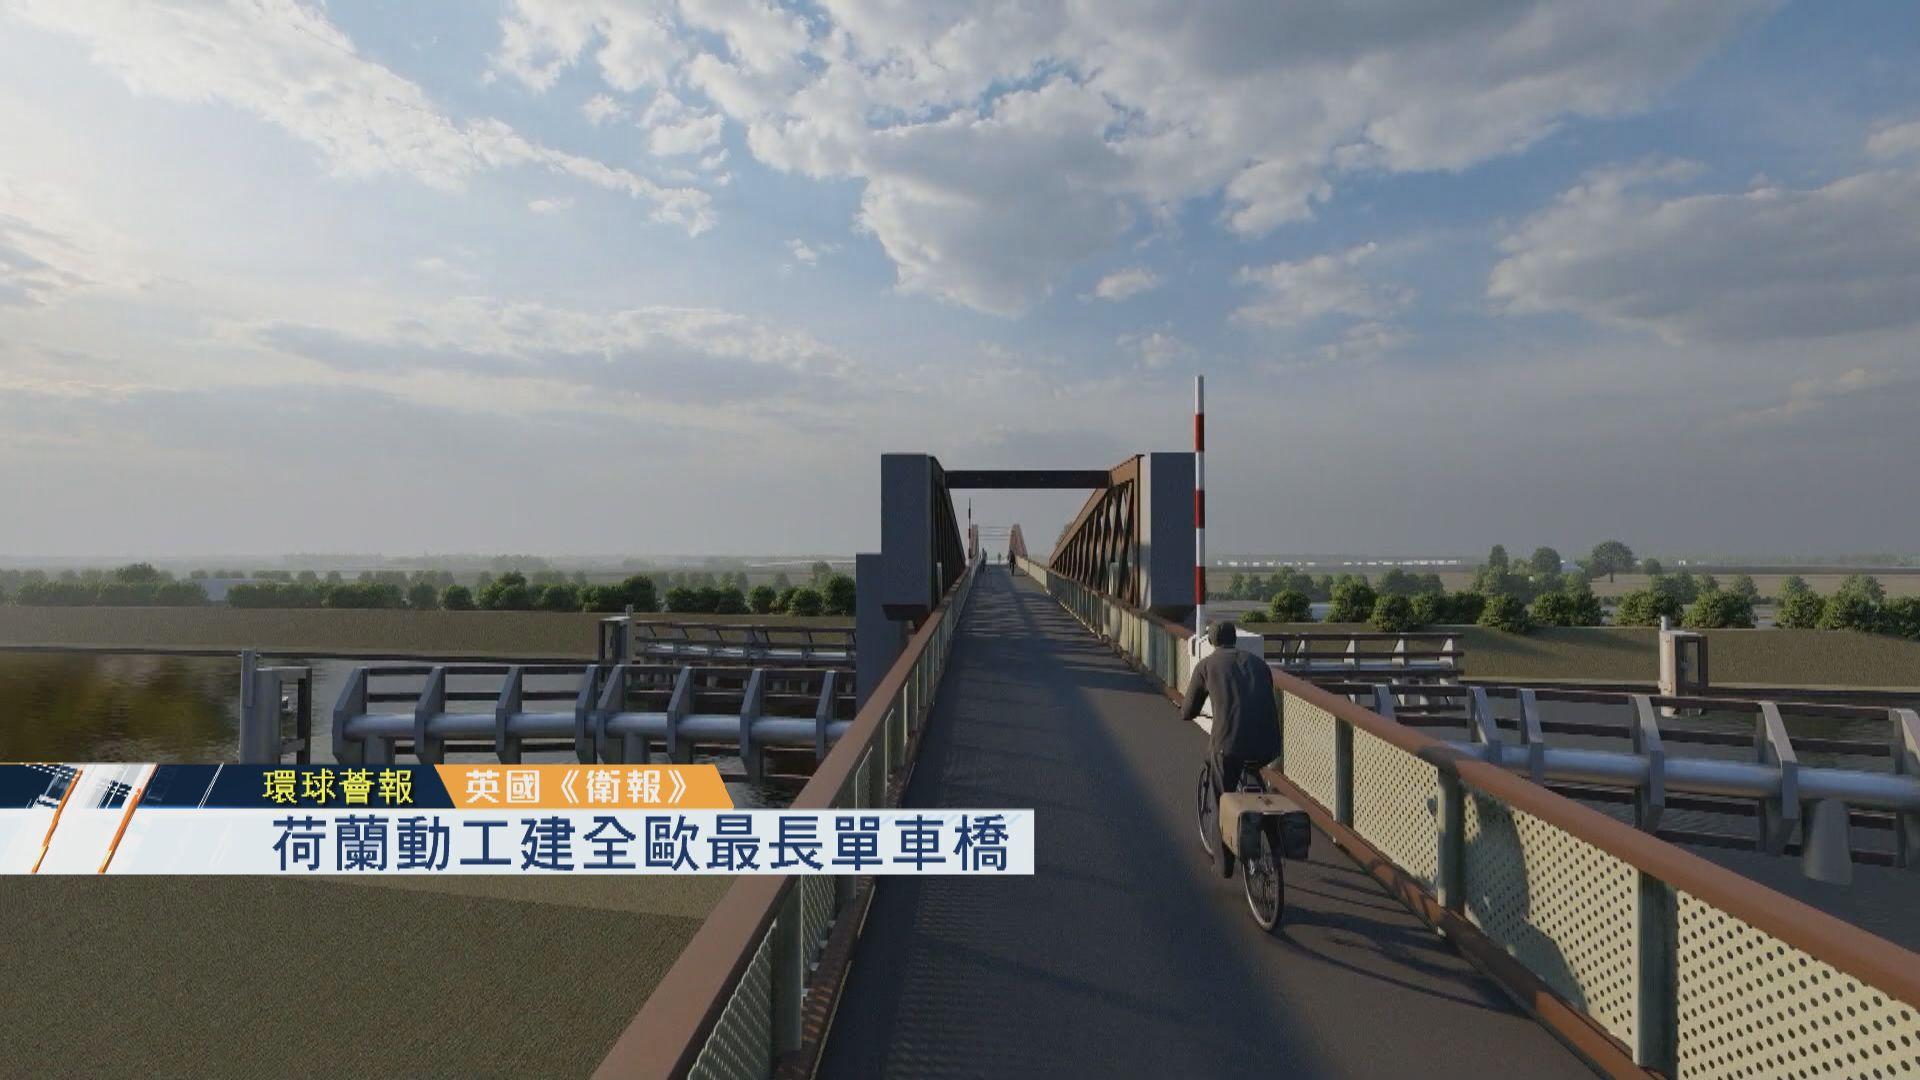 【環球薈報】荷蘭動工建全歐最長單車橋